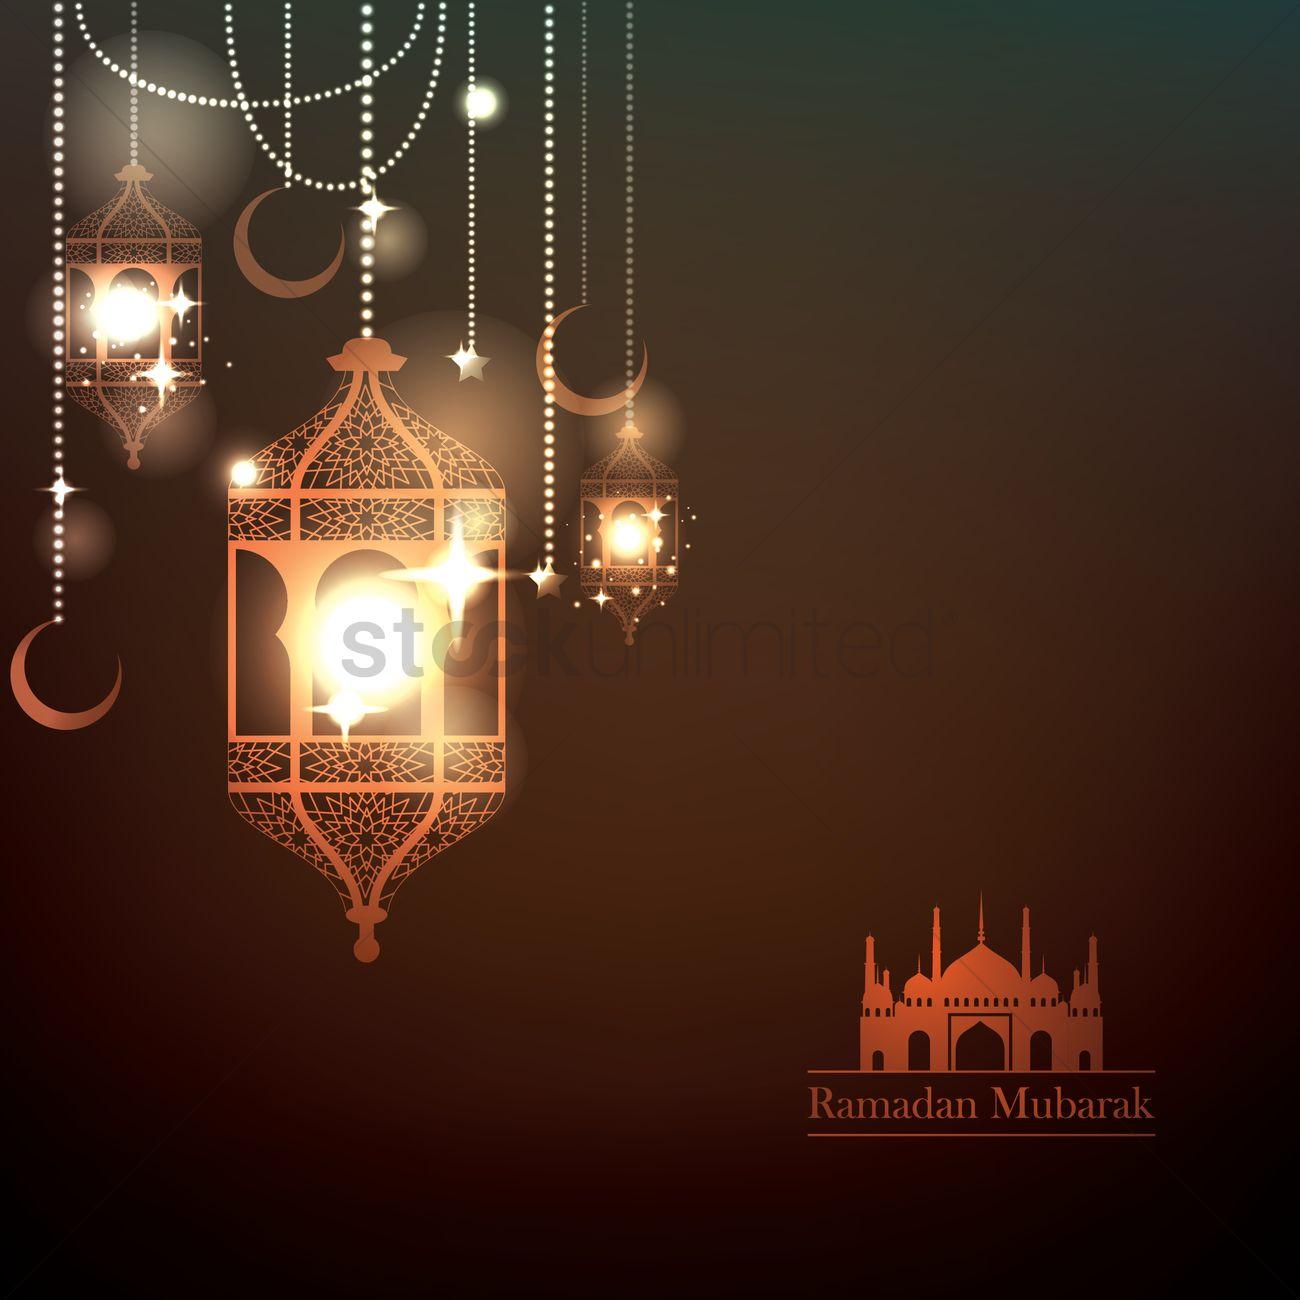 ramadan mubarak greeting vector image 1826982 stockunlimited